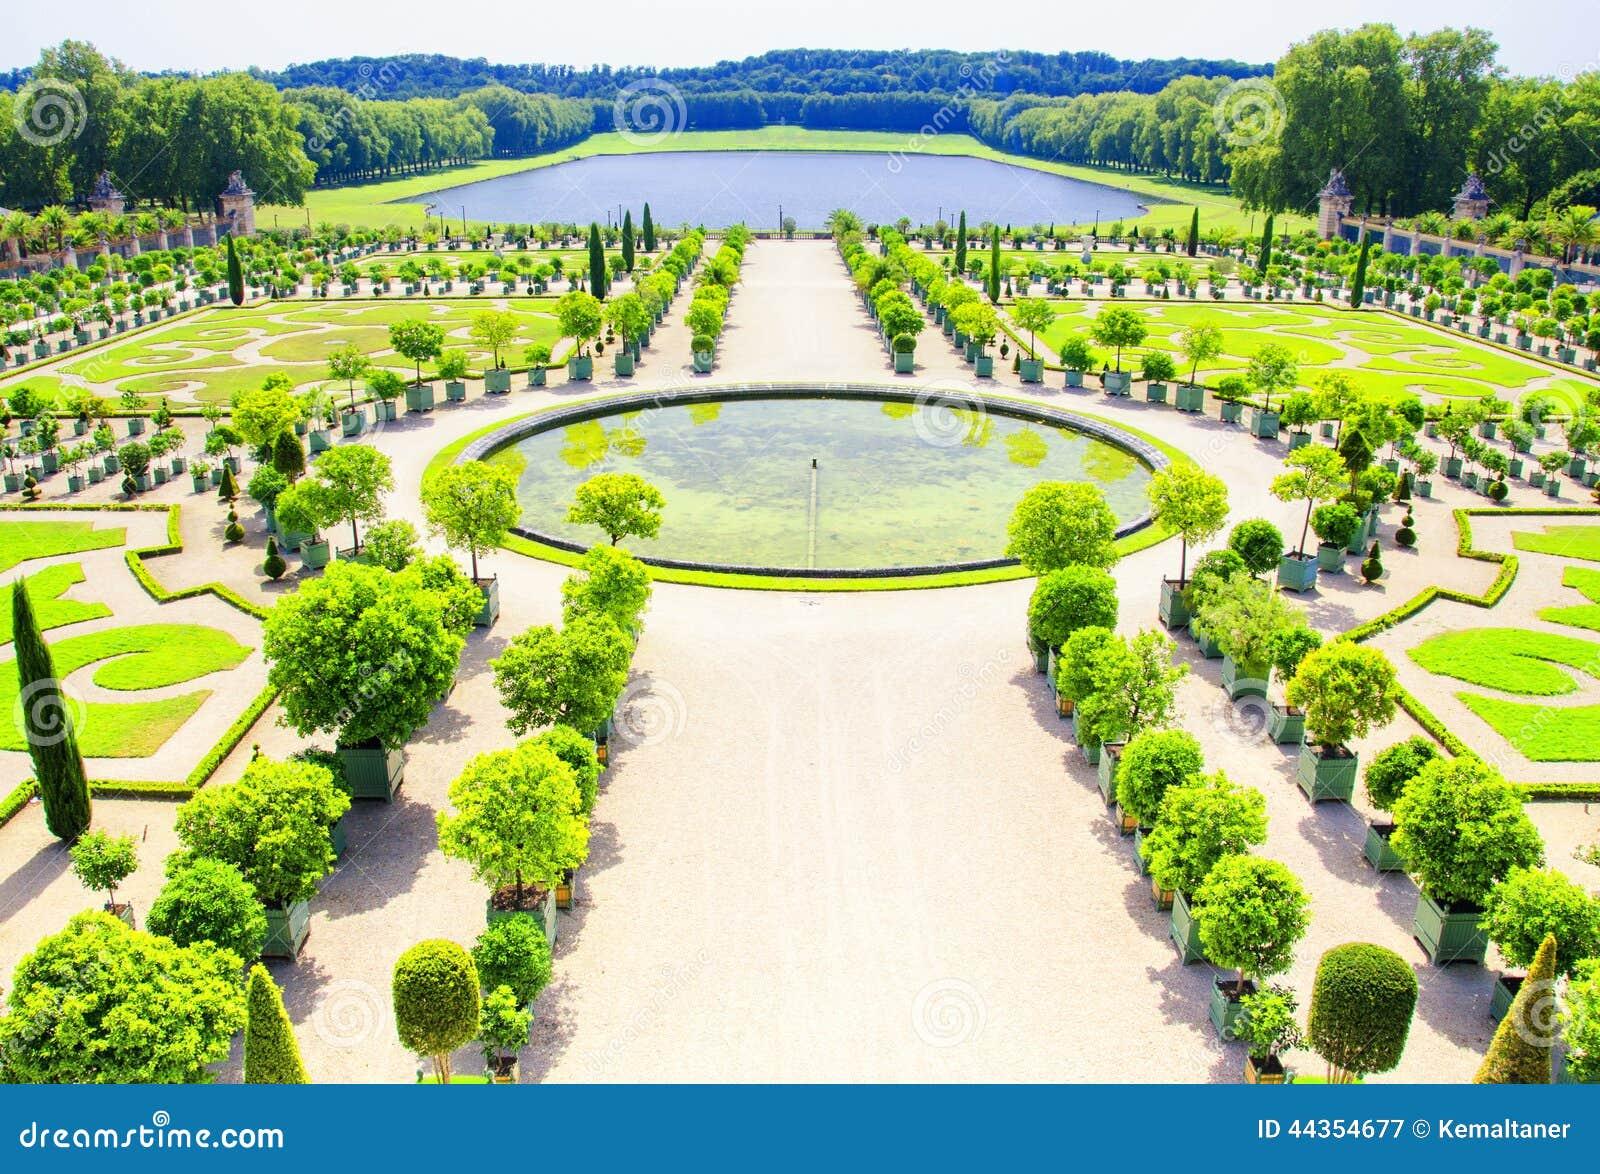 Paleis Van Versailles Tuin.Tuin Van Het Paleis Van Versailles Parijs Frankrijk Stock